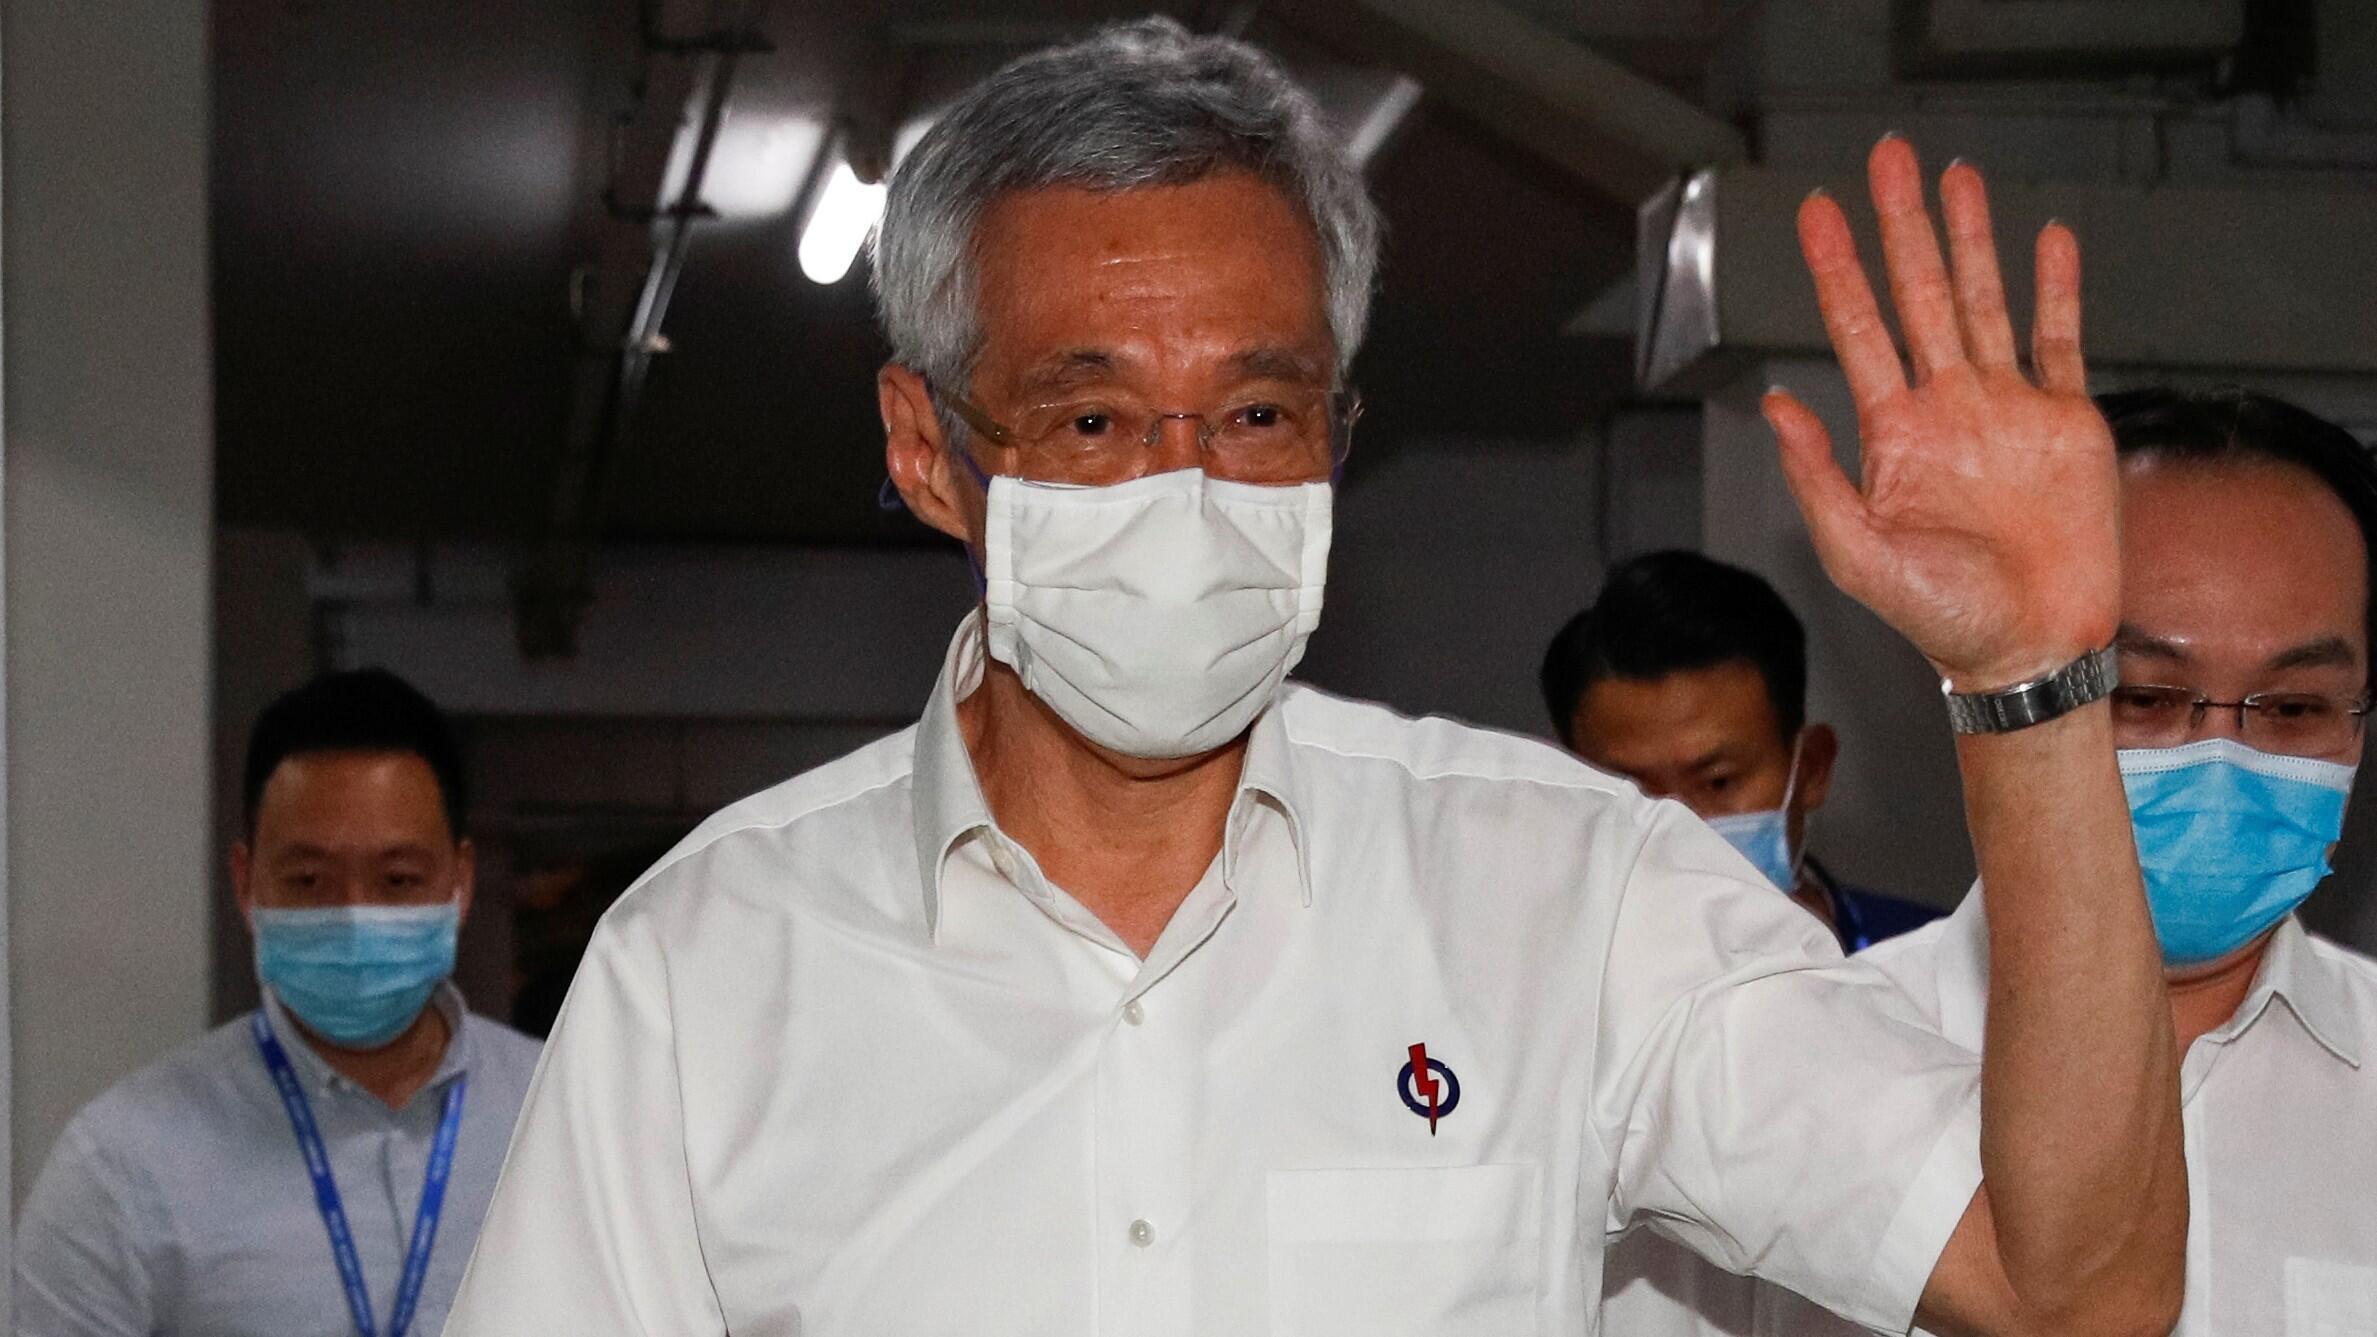 El primer ministro de Singapur, Lee Hsien Loong, saluda cuando llega a una sucursal del Partido de Acción Popular, mientras se cuentan las papeletas durante las elecciones generales, en Singapur el 11 de julio de 2020.